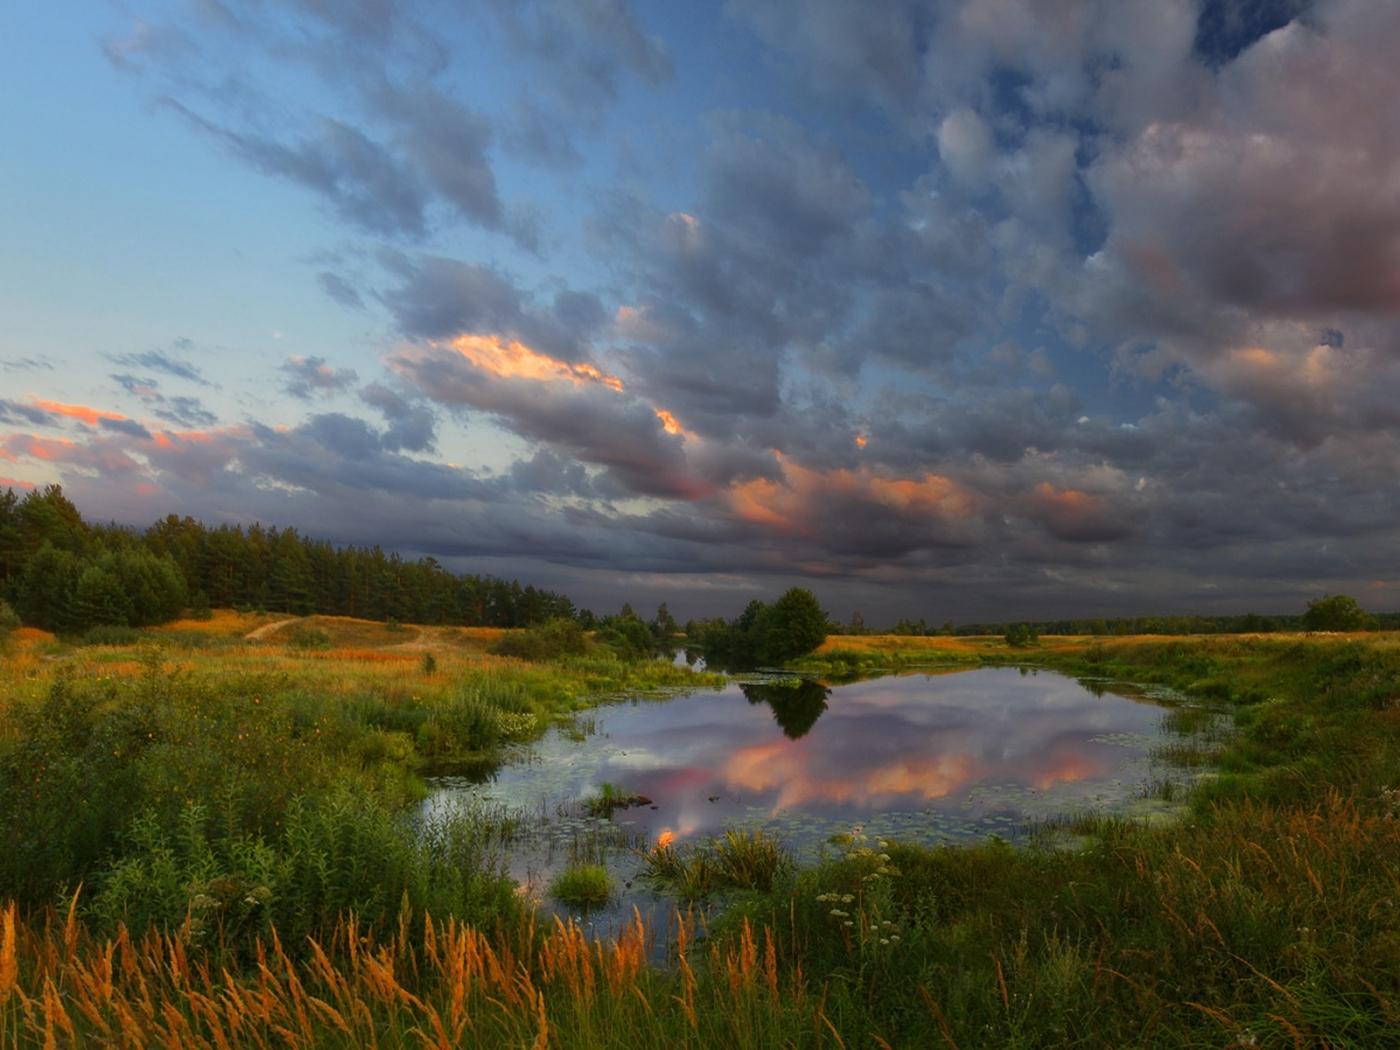 27721 скачать обои Пейзаж, Река, Поля, Небо, Облака - заставки и картинки бесплатно